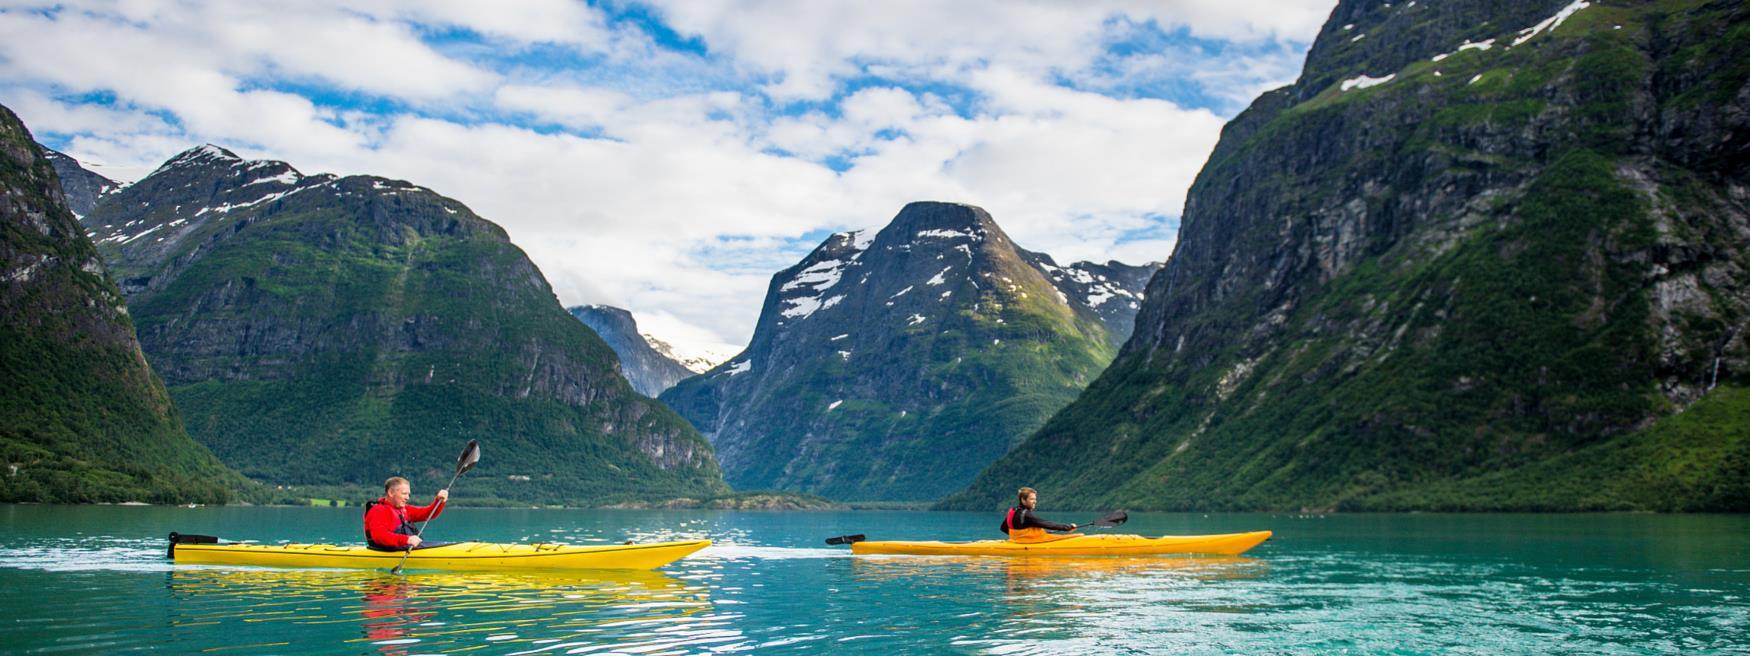 Kajakk - på fjorden og på Lovatnet